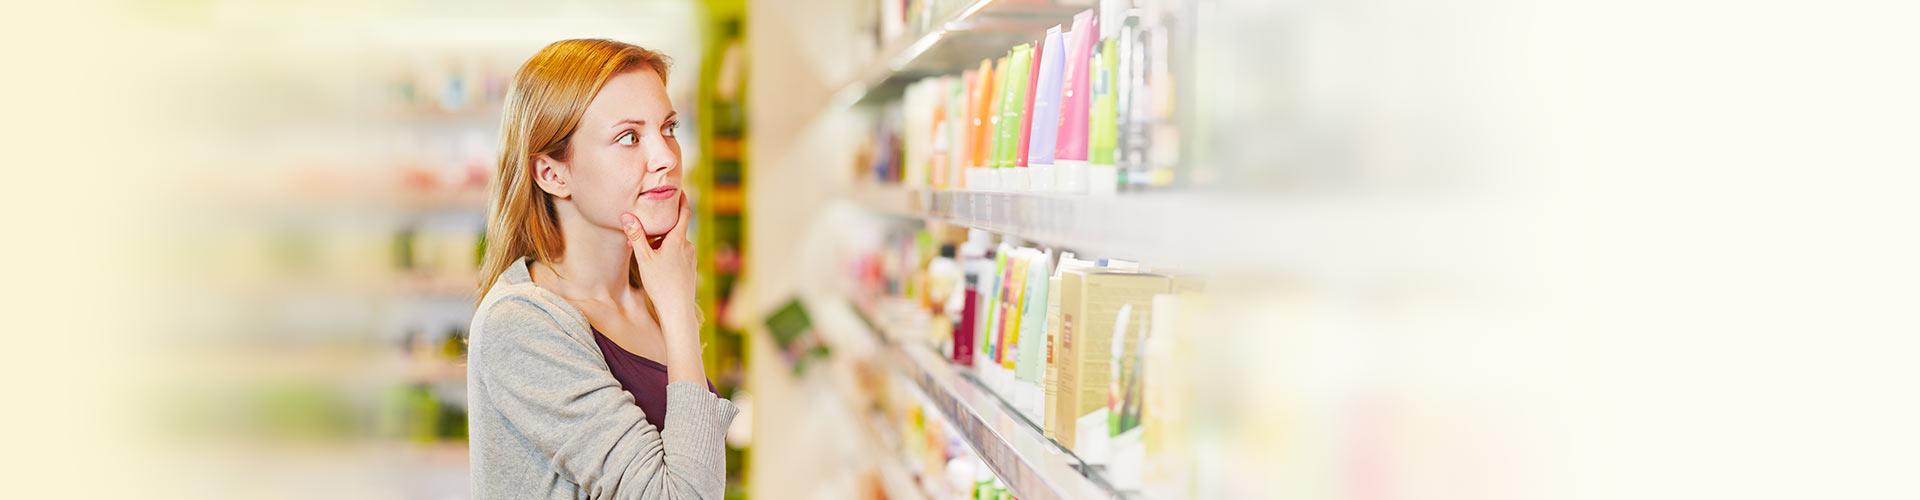 Les nouvelles formes d'achat émergentes : qui est le consomm'acteur ?